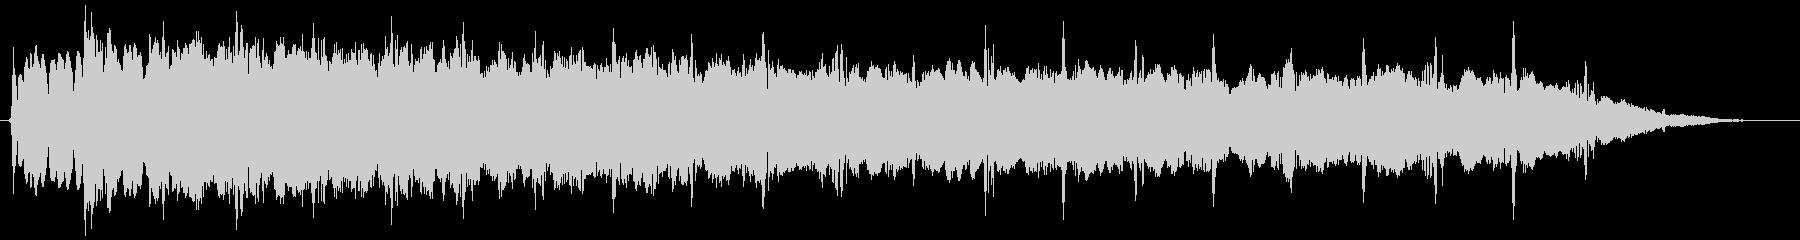 ピューン:異次元へワープする音4の未再生の波形